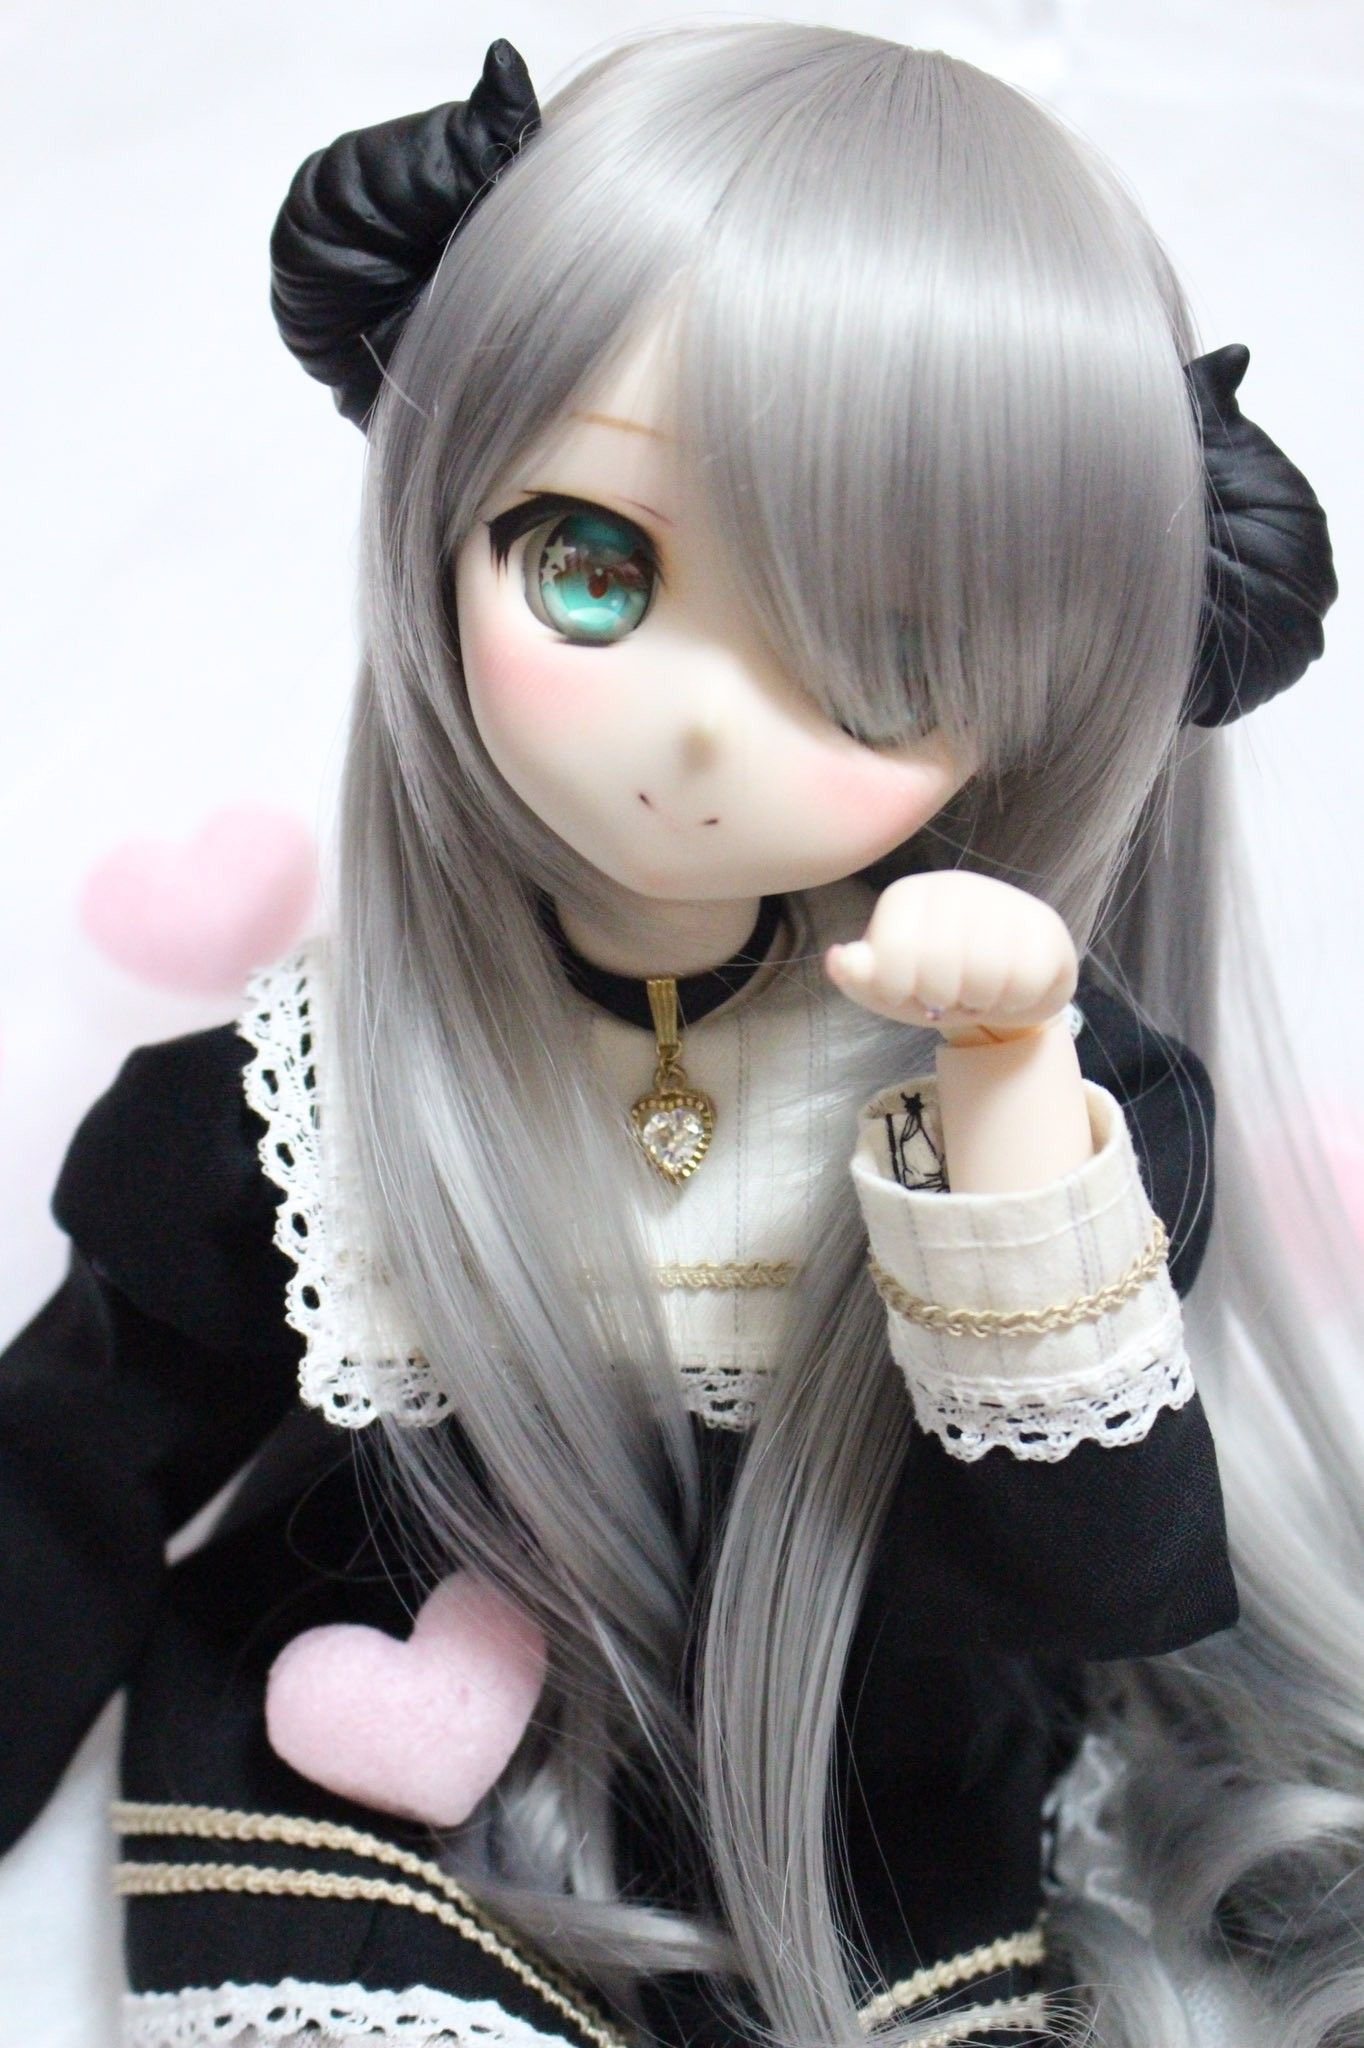 𝕴𝖈𝖊𝖑𝖆𝖓𝖉 𝕱𝖔𝖝 Dolls in 2019 Anime dolls, Art dolls, Cute